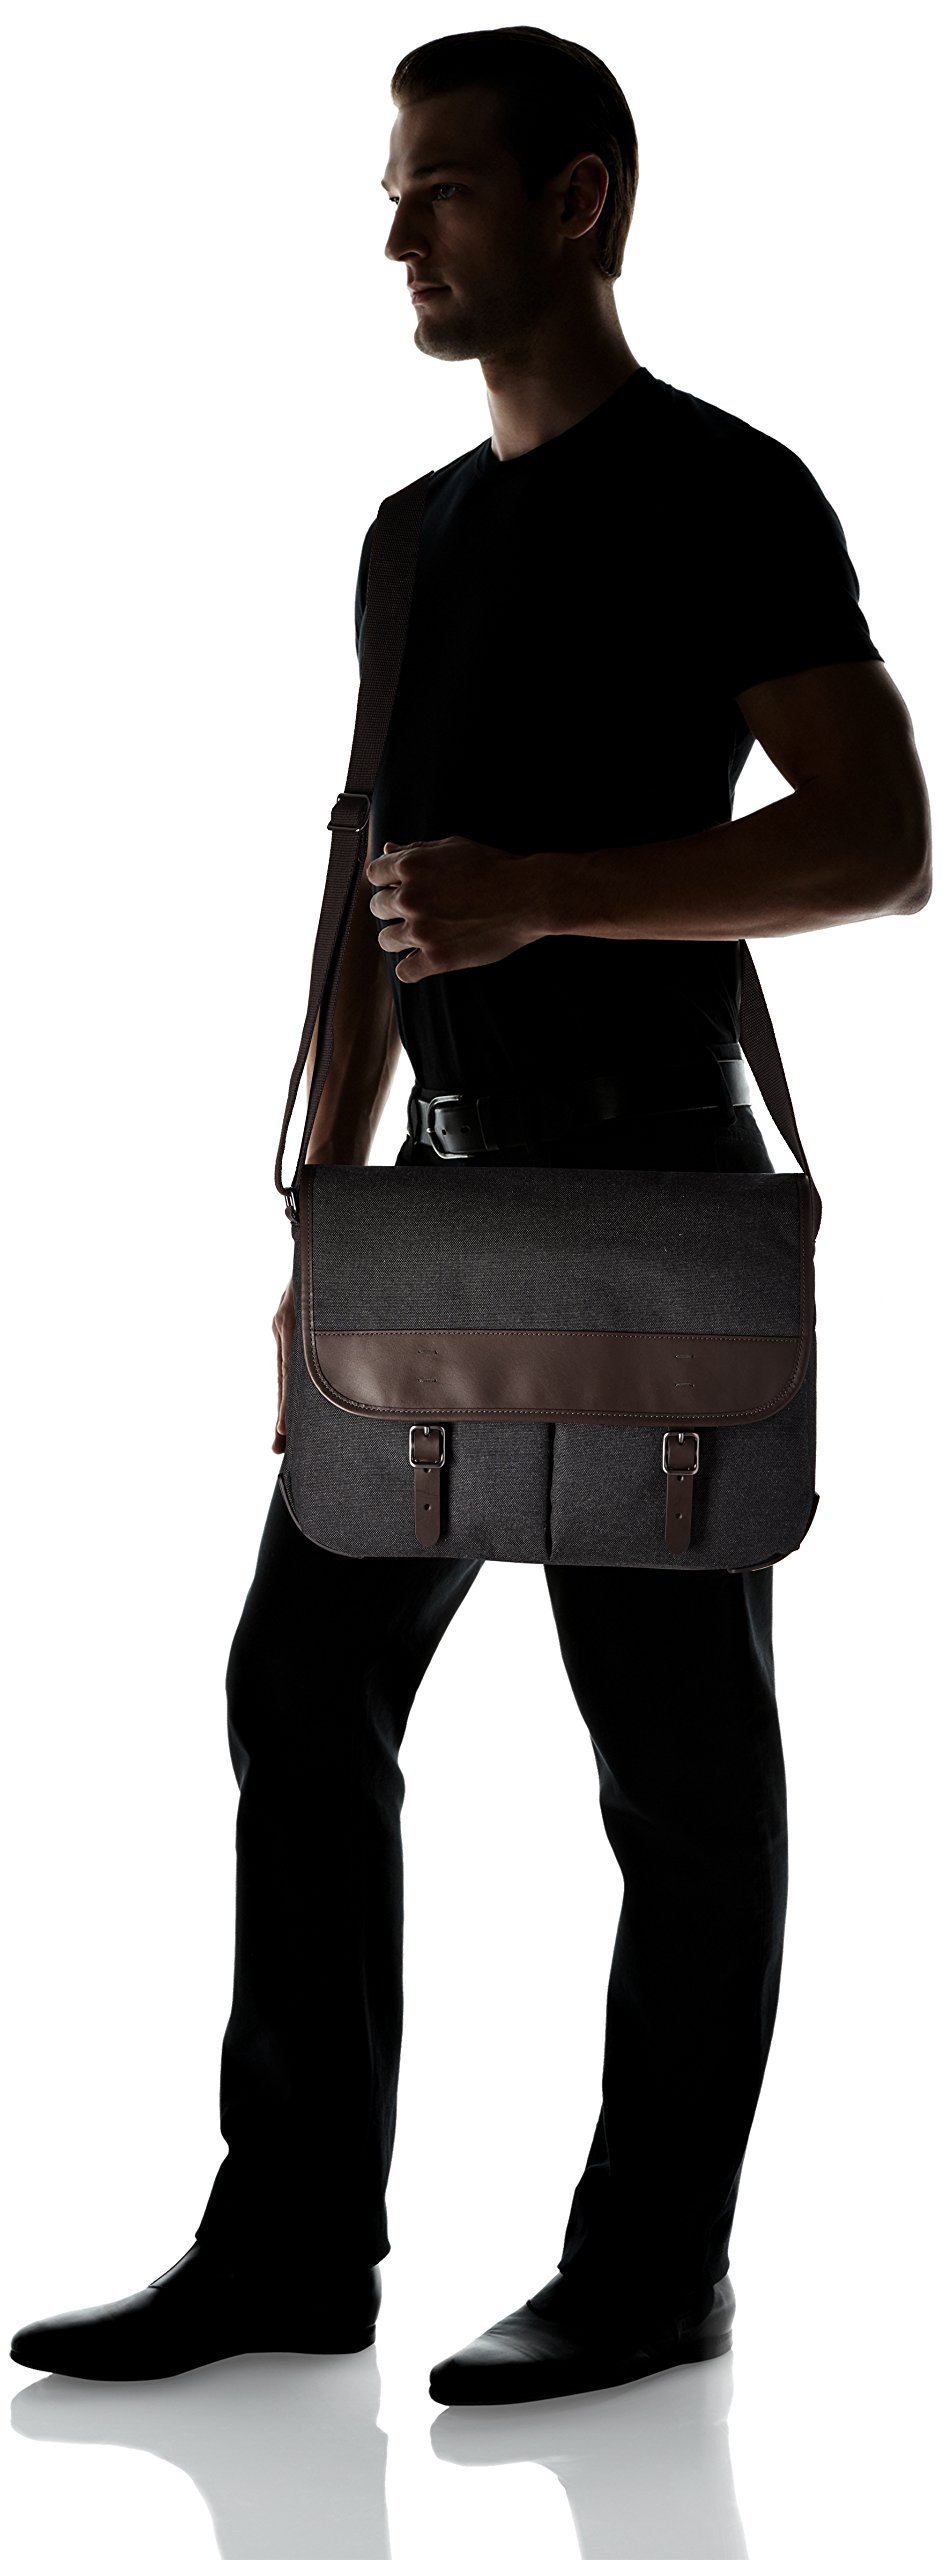 af0933aad5d8 Fossil Men s Buckner Leather Trim Messenger Bag